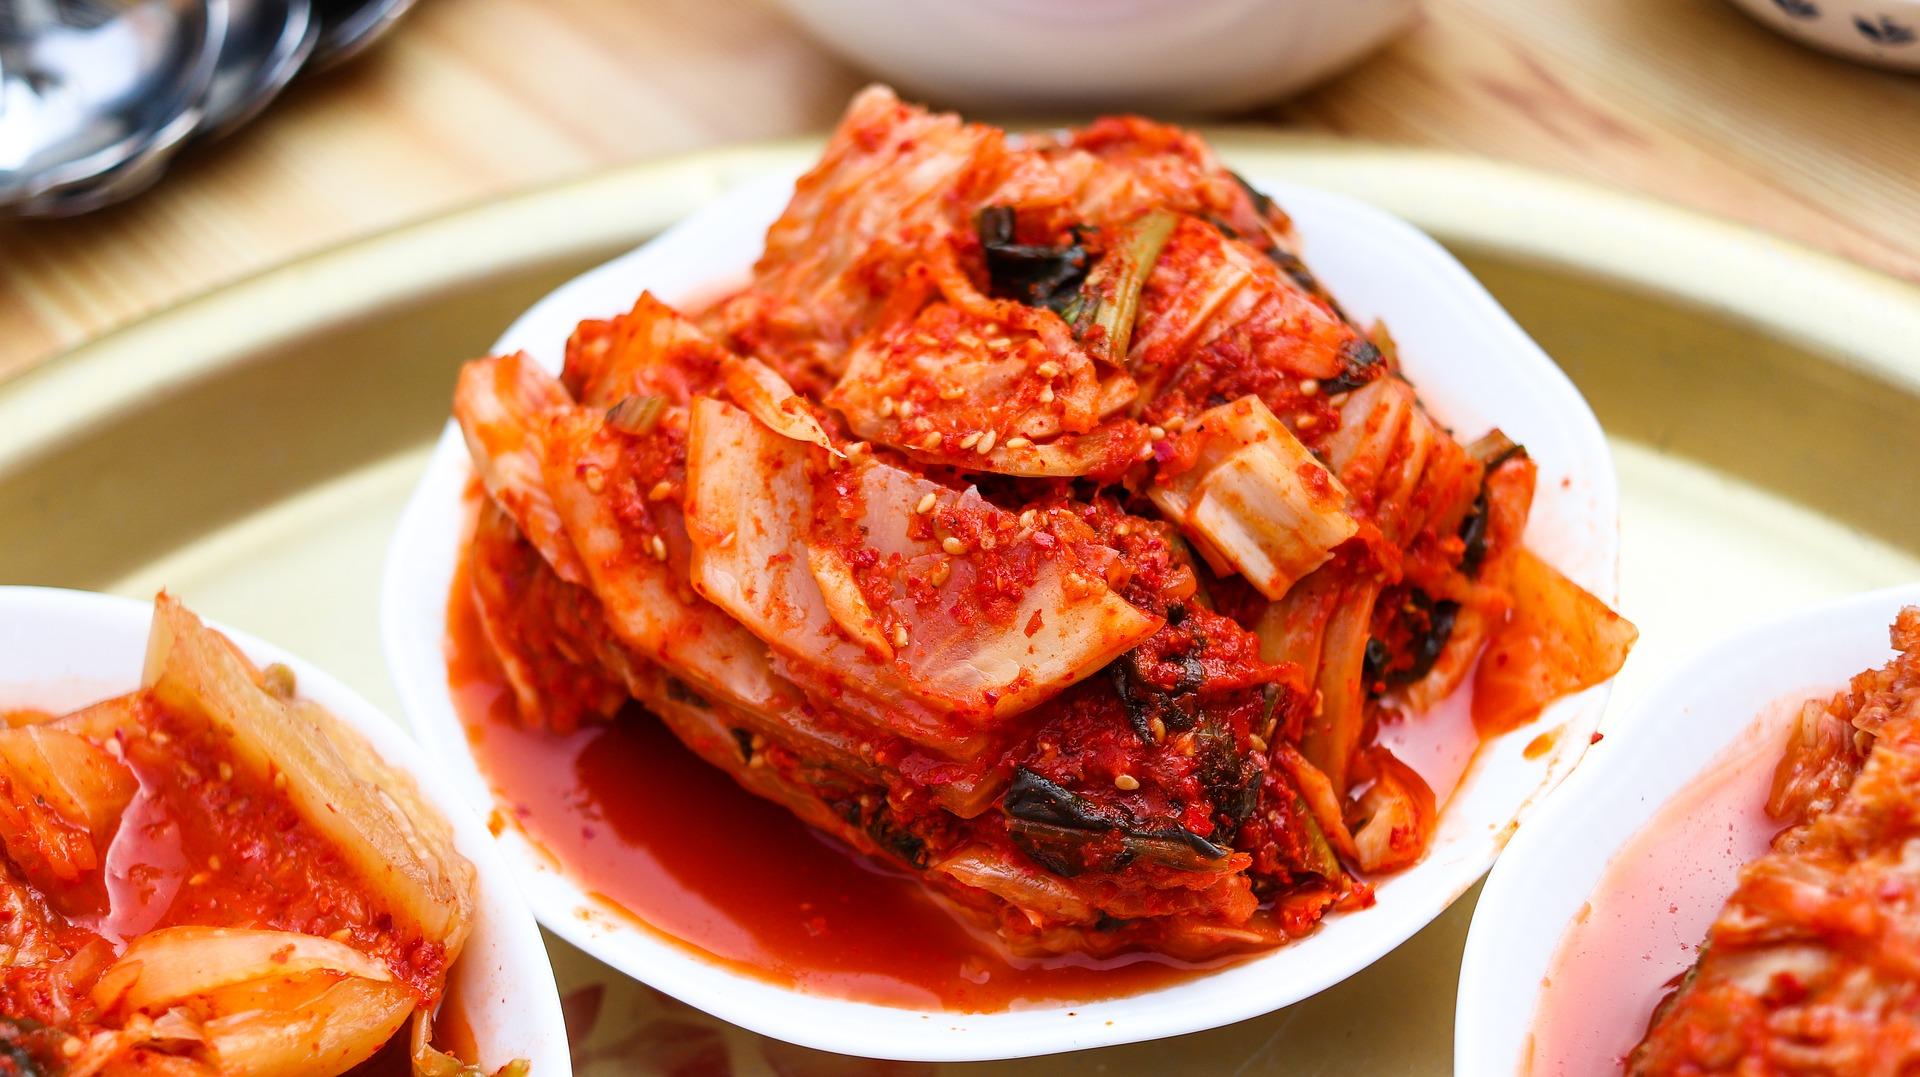 manfaat kimchi bagi kesehatan - eskayvie indonesia